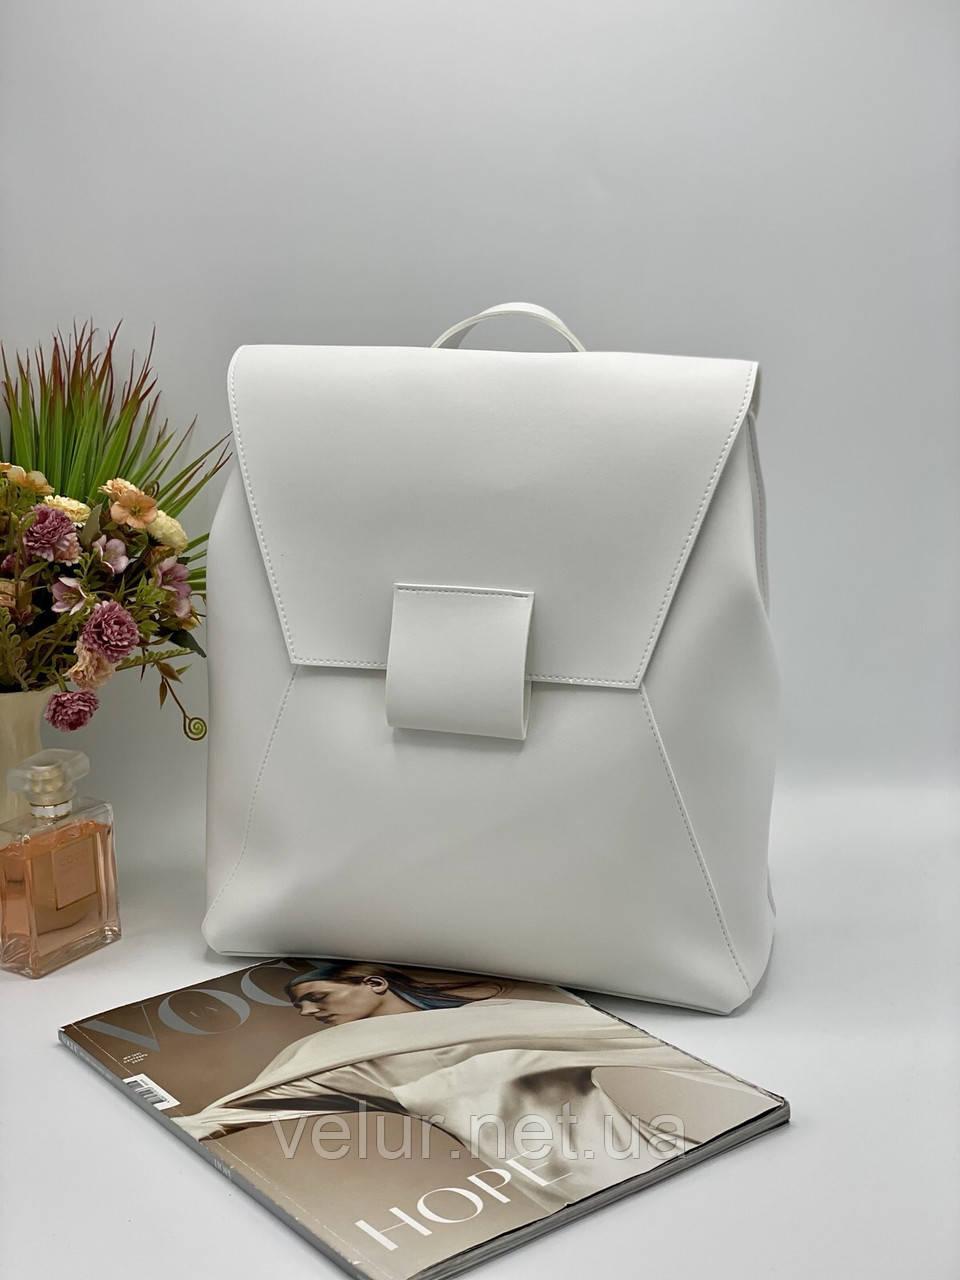 Жіноча стильна сумка; турецька еко-шкіра PU, розміри 29*34*11 см, 4 кольори